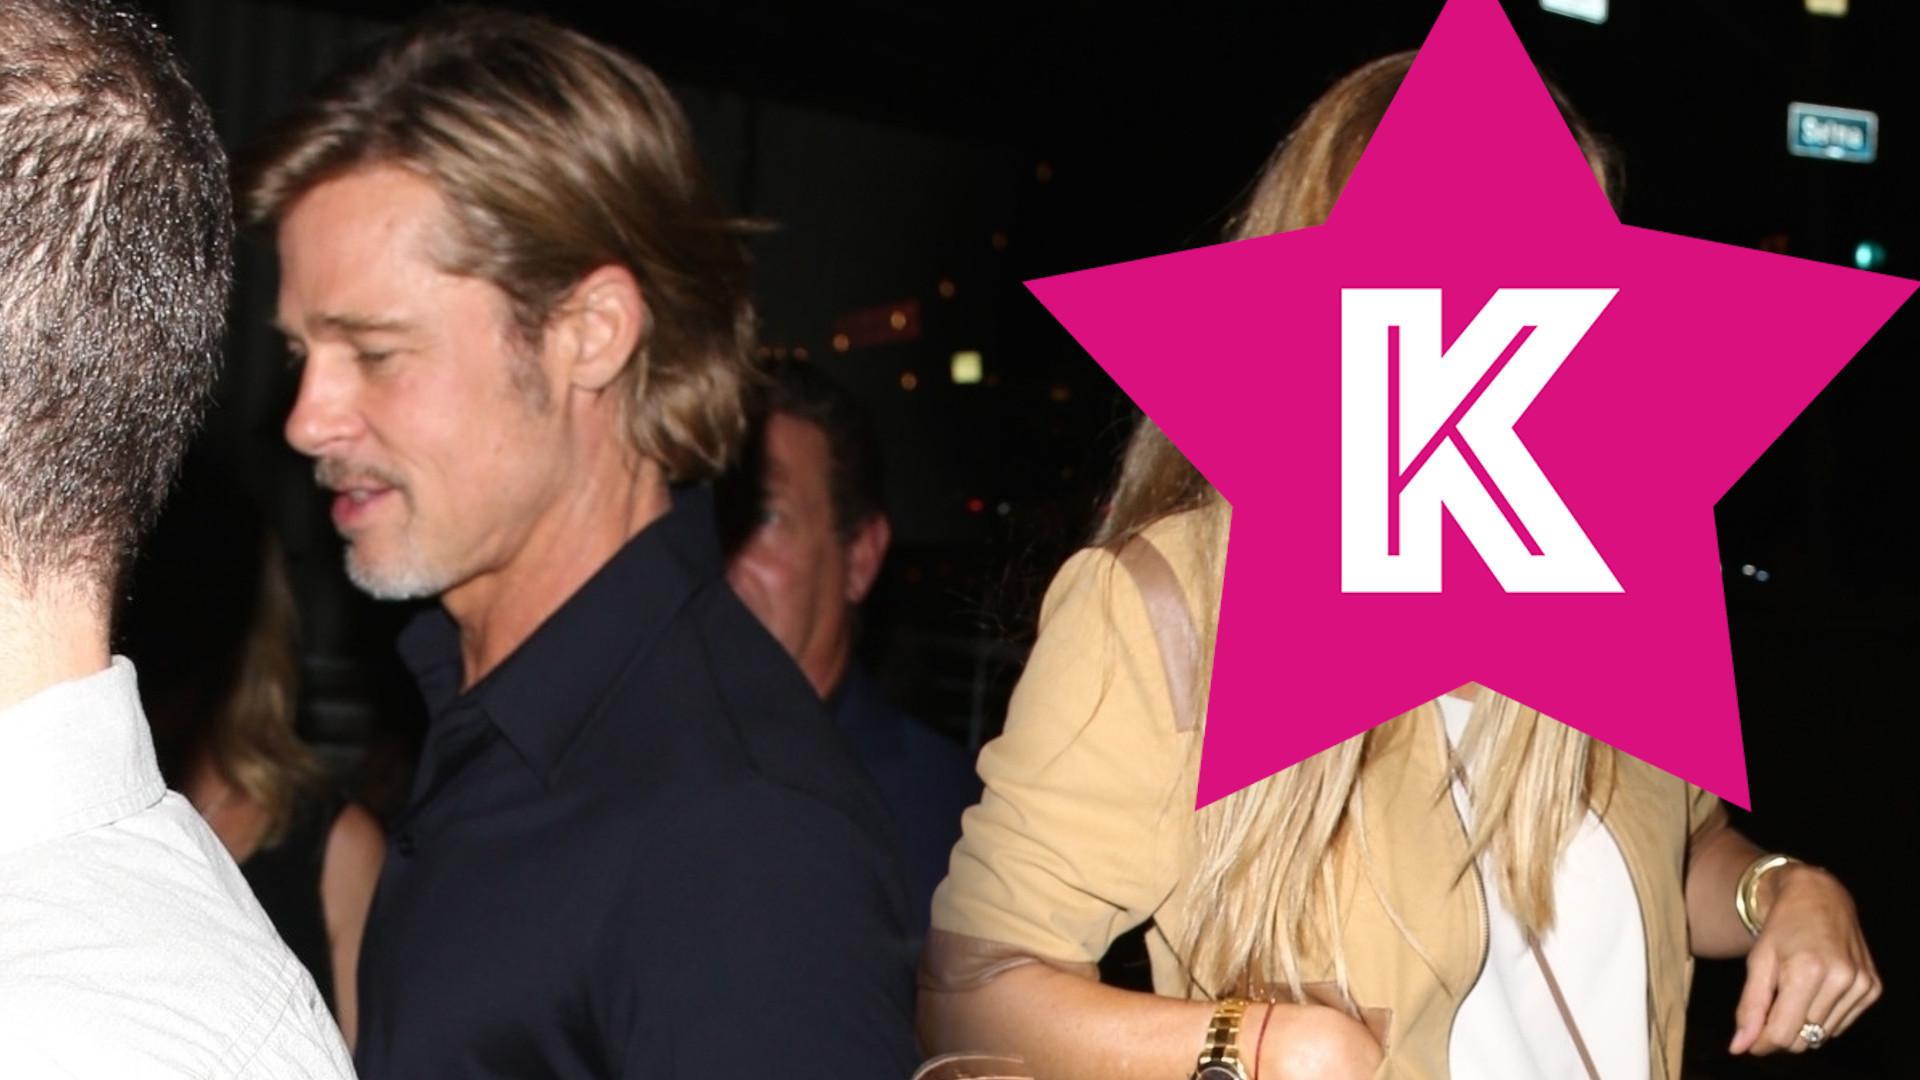 Ona jest NOWĄ dziewczyną Brada Pitta? Wyszedł z nią z imprezy (ZDJĘCIA)